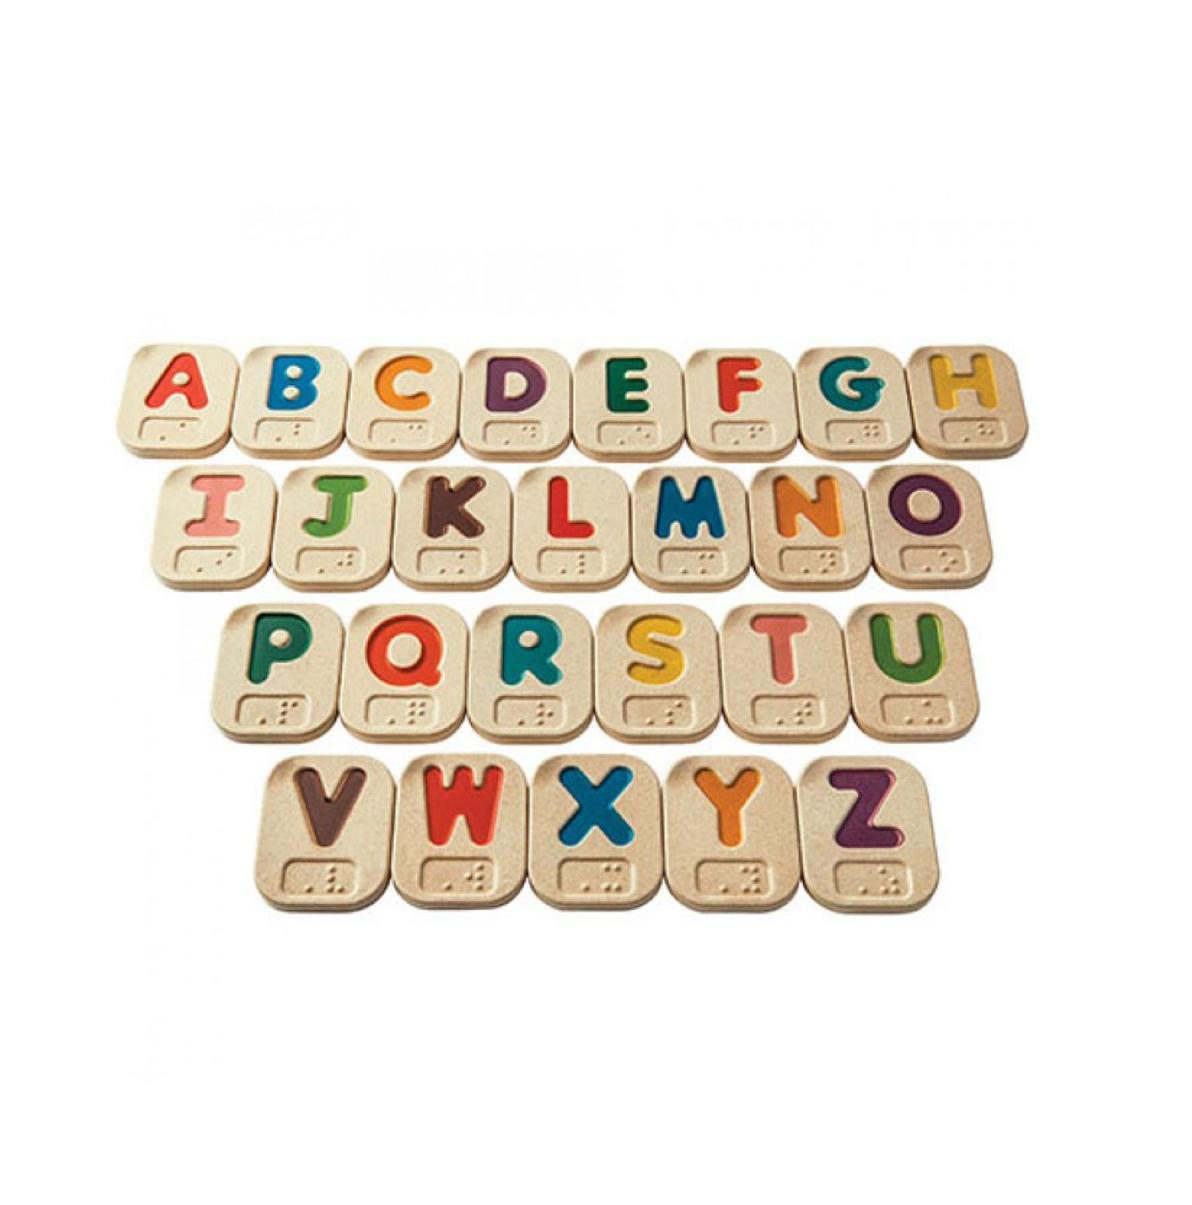 alfabeto-en-braille-plantoys-en-el-mundo-de-mico